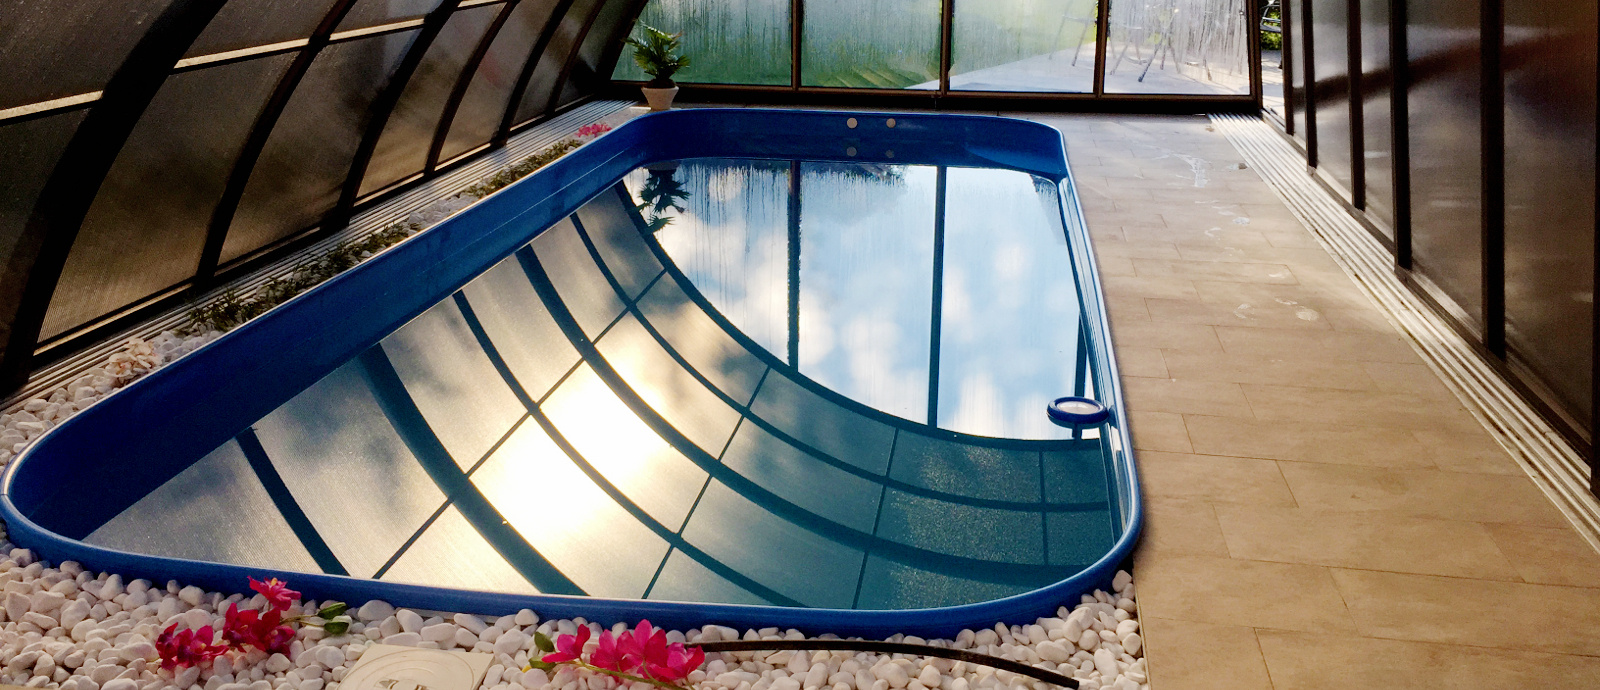 Verwandeln Sie Ihren Garten in ein Badeparadies!